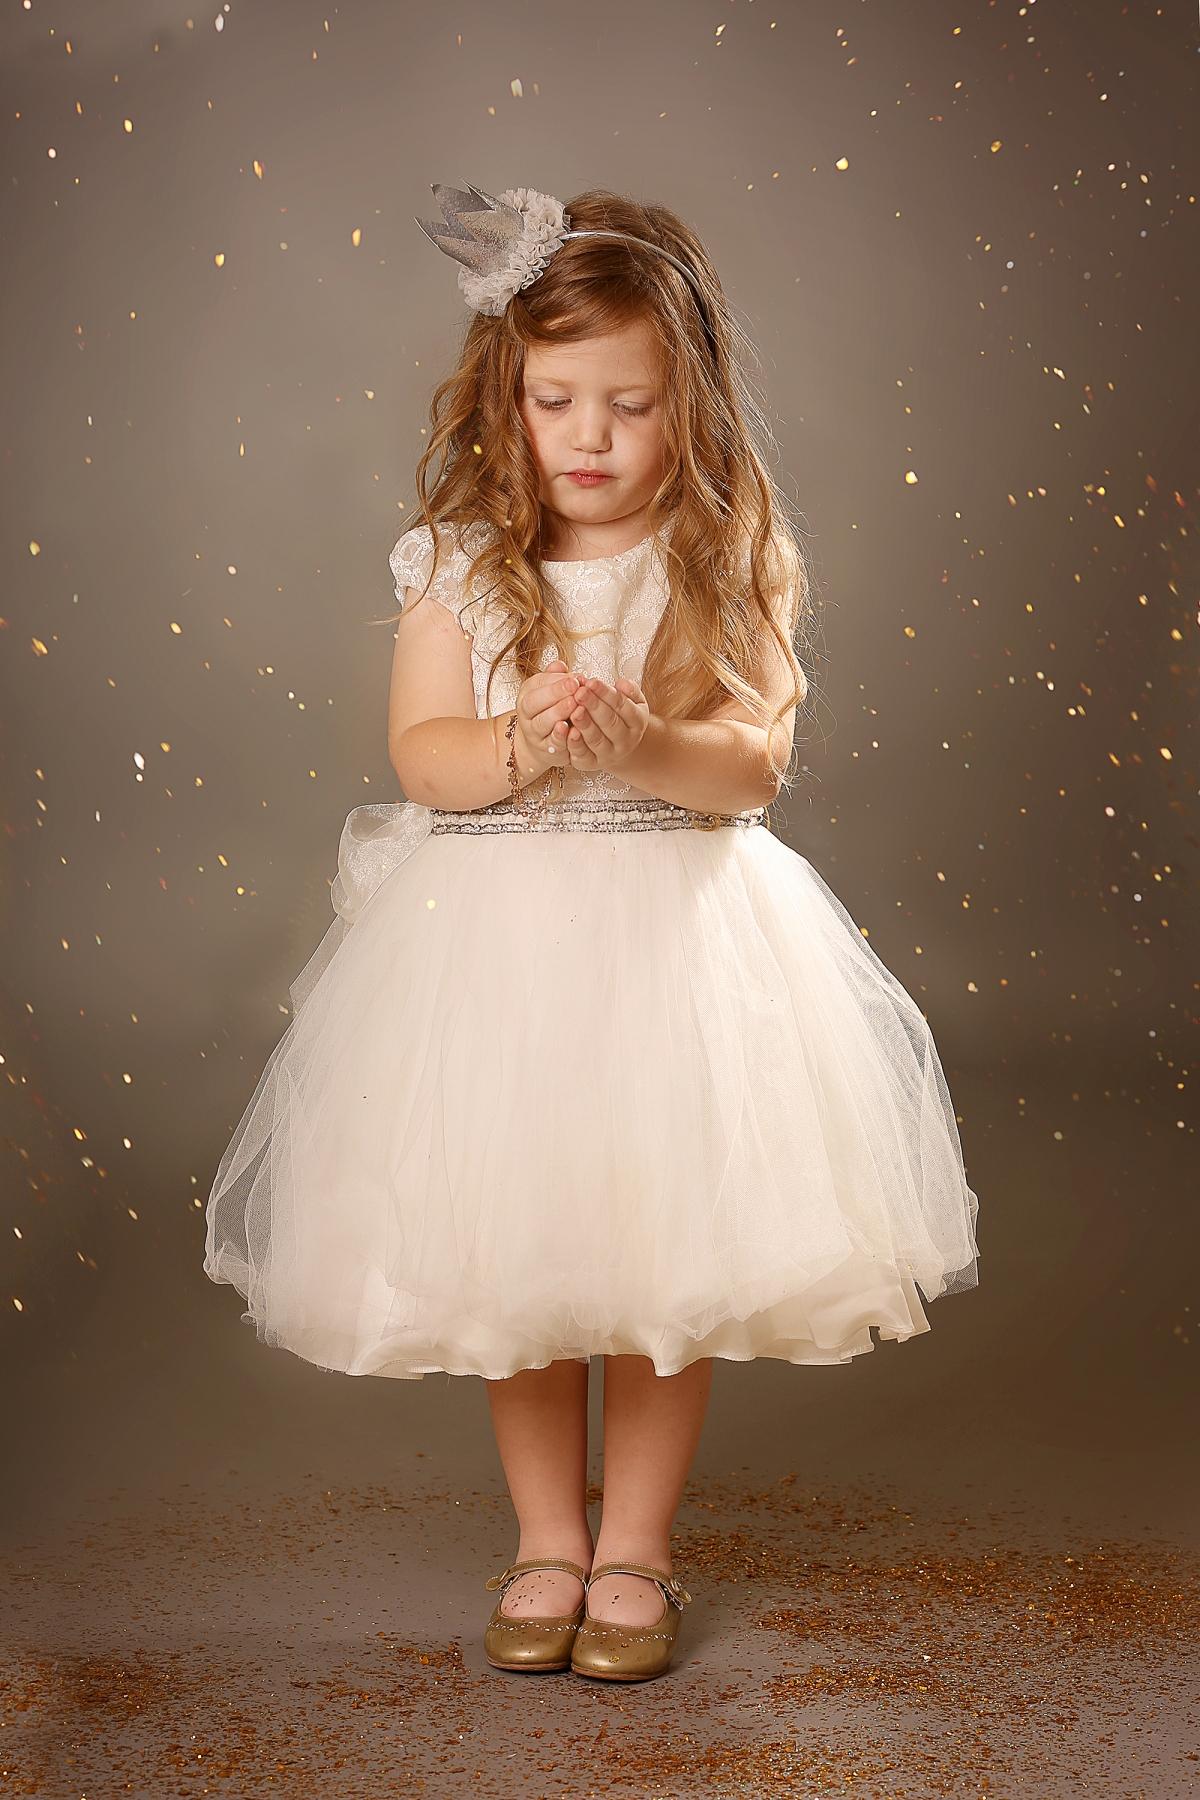 ילדה בלונדינית בשמלה לבנה על רקע מנצנץ